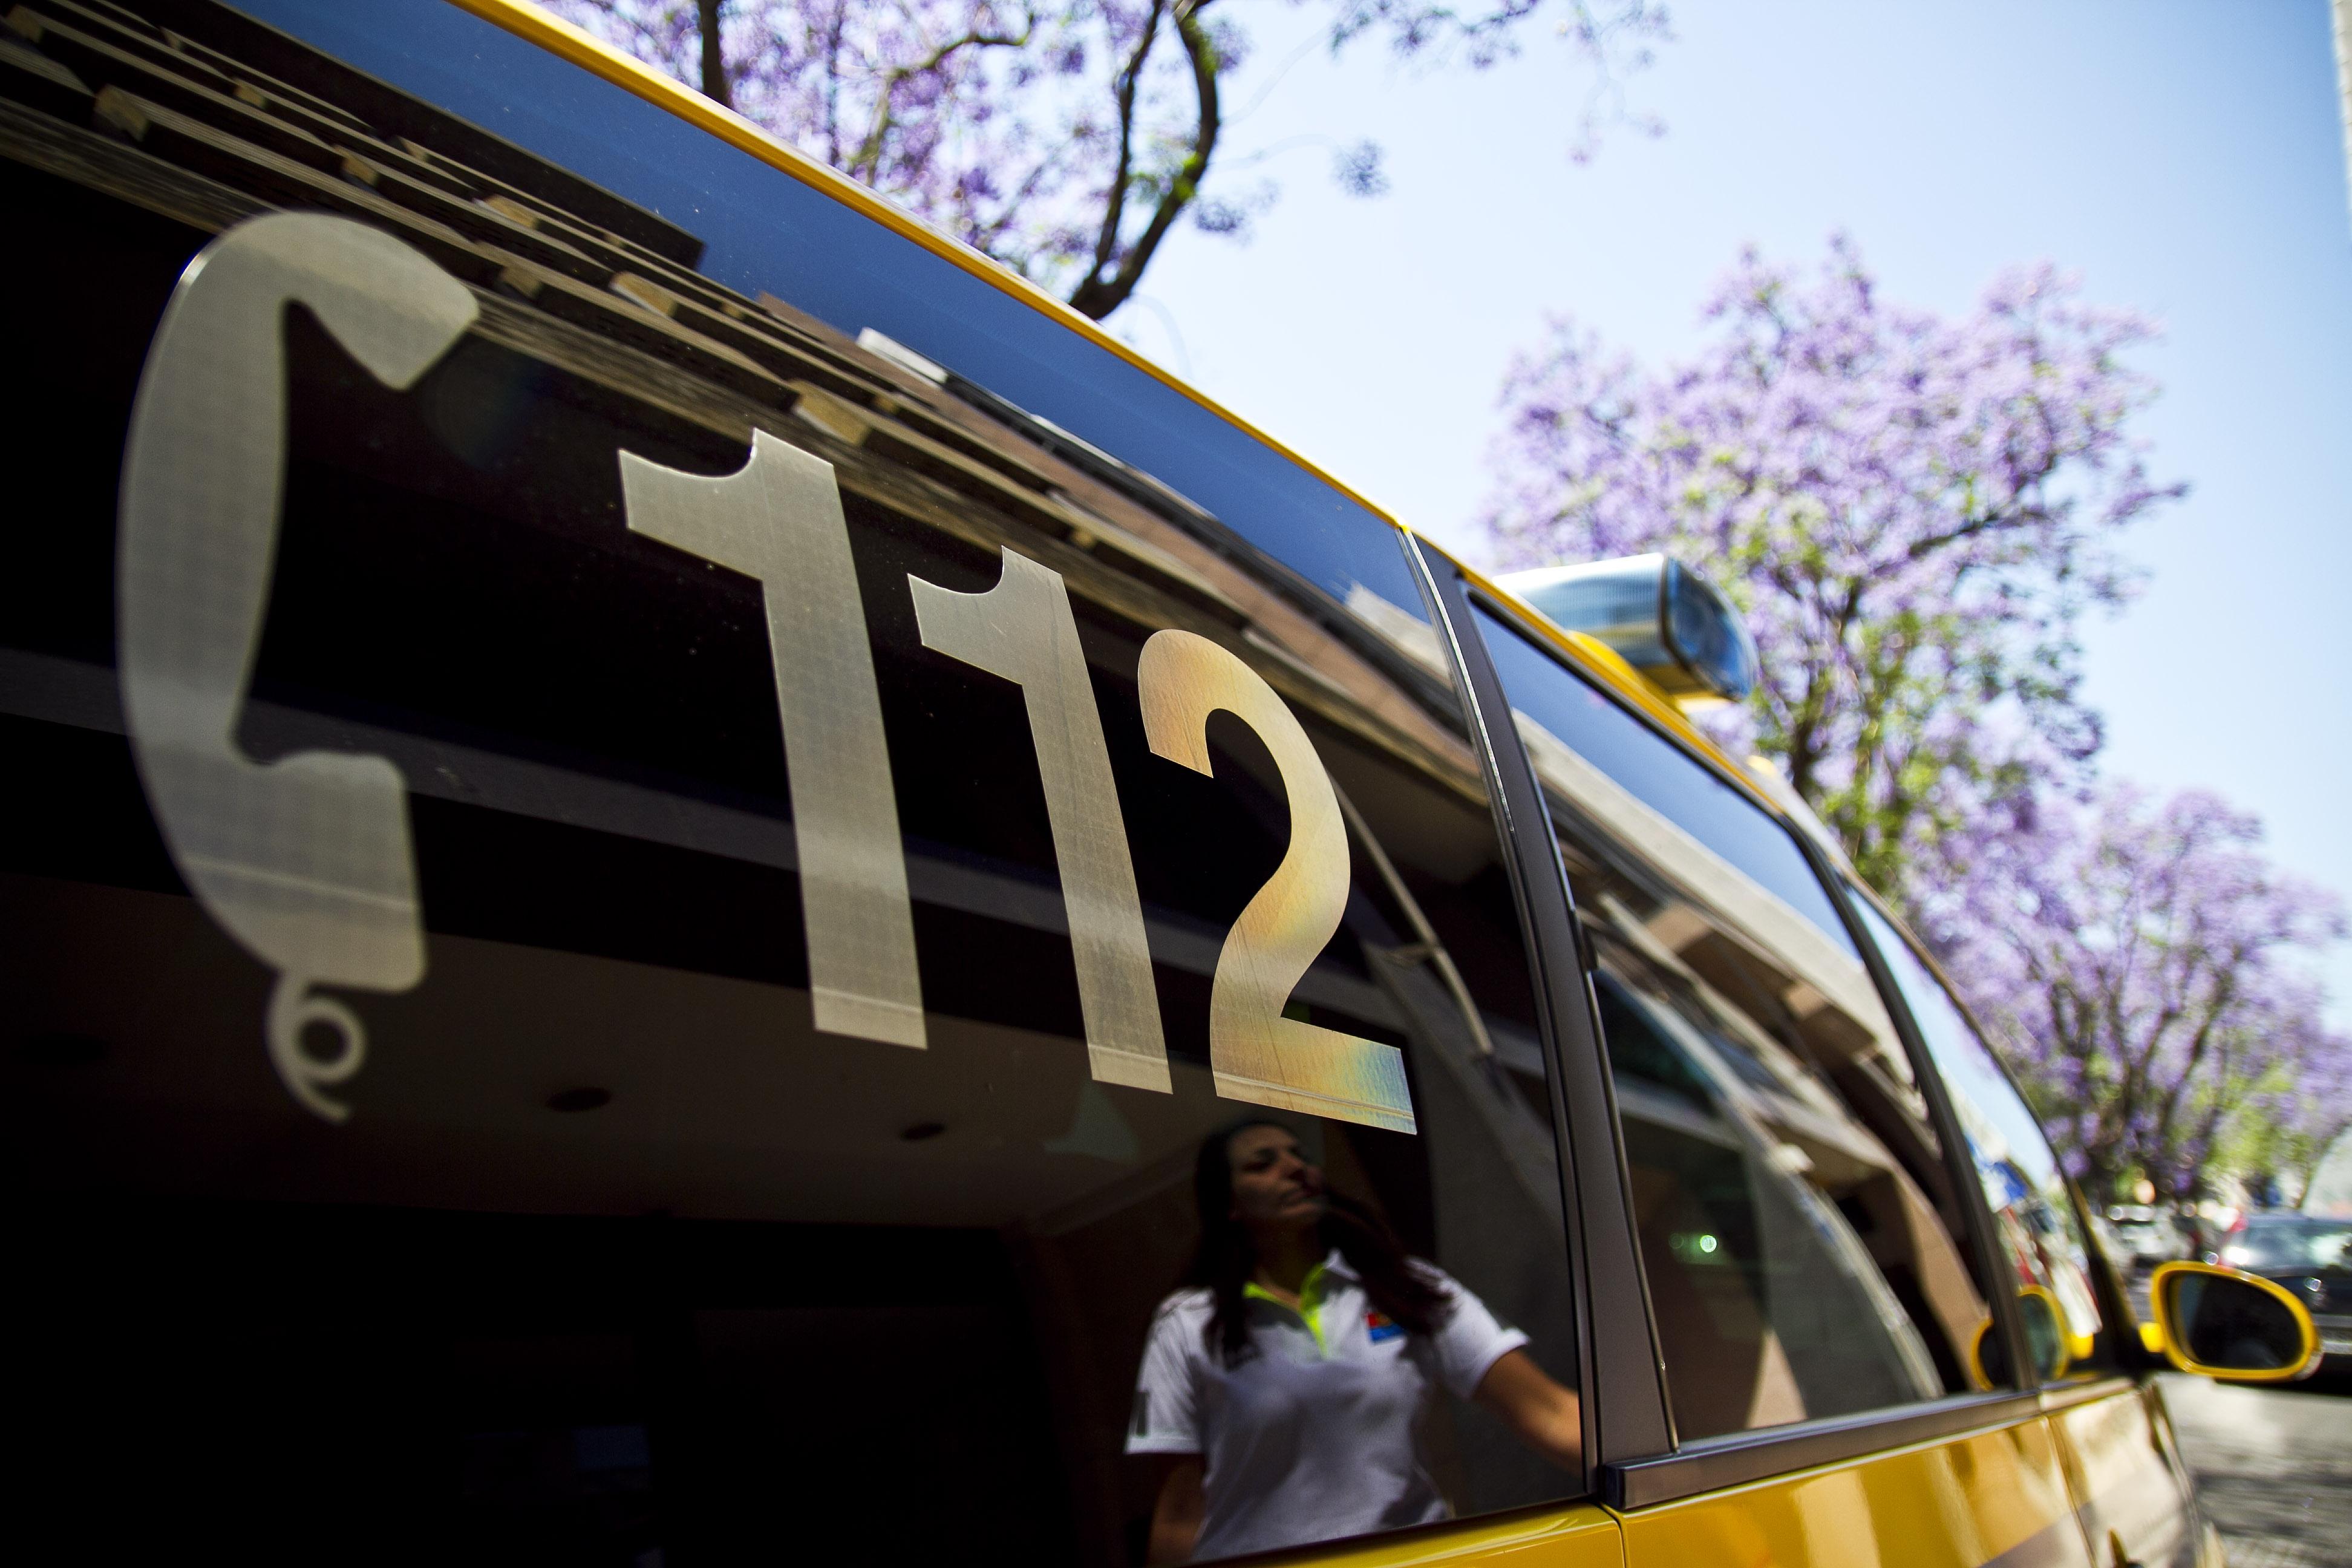 Criança de 10 anos morre na escola na Quinta do Conde [actualizada]